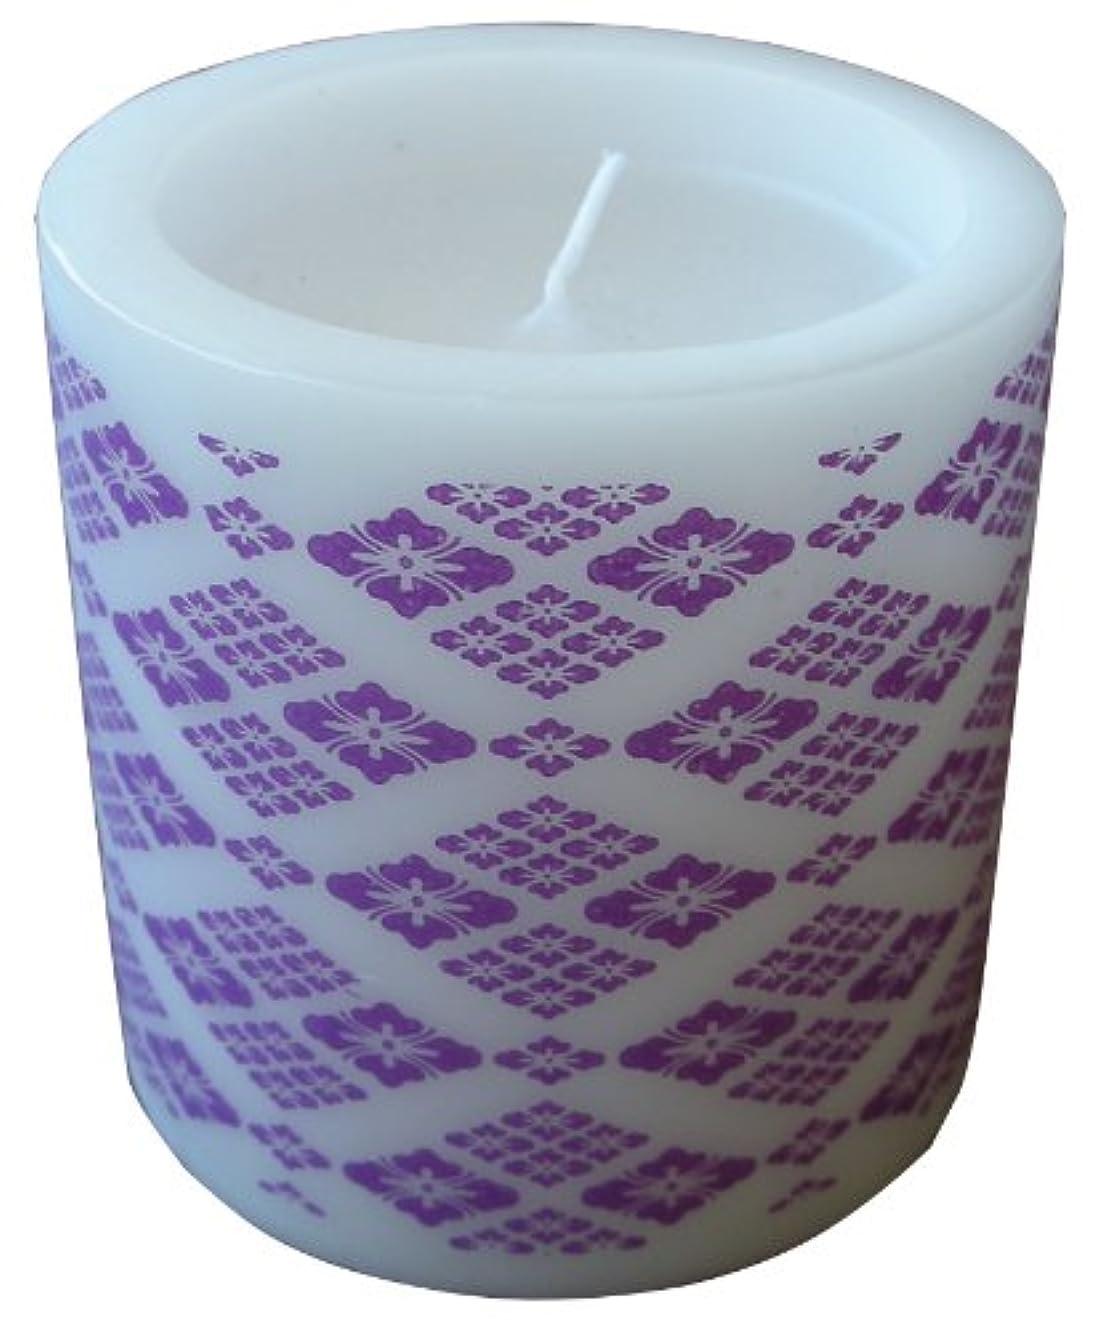 体系的にソケット規則性マルエス 和みローソク 菱模様 紫